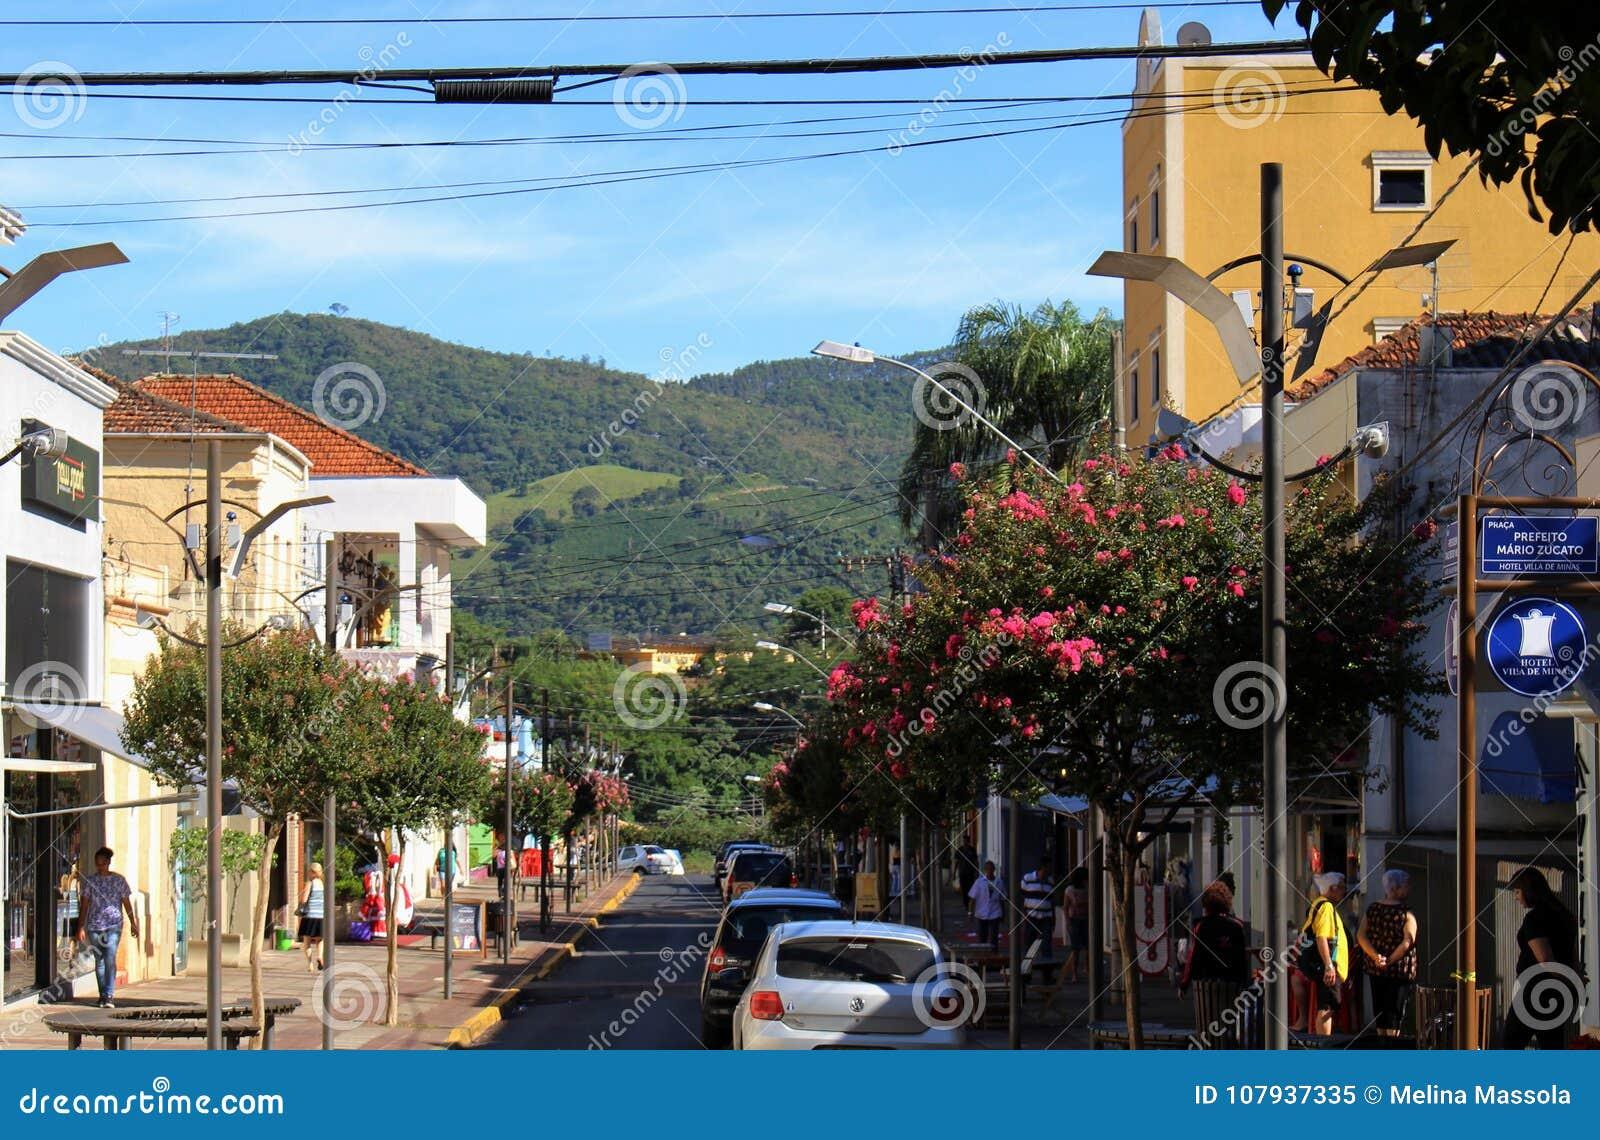 Придайте квадратную форму на меньшем городе в Бразилии, Siao-MG Monte